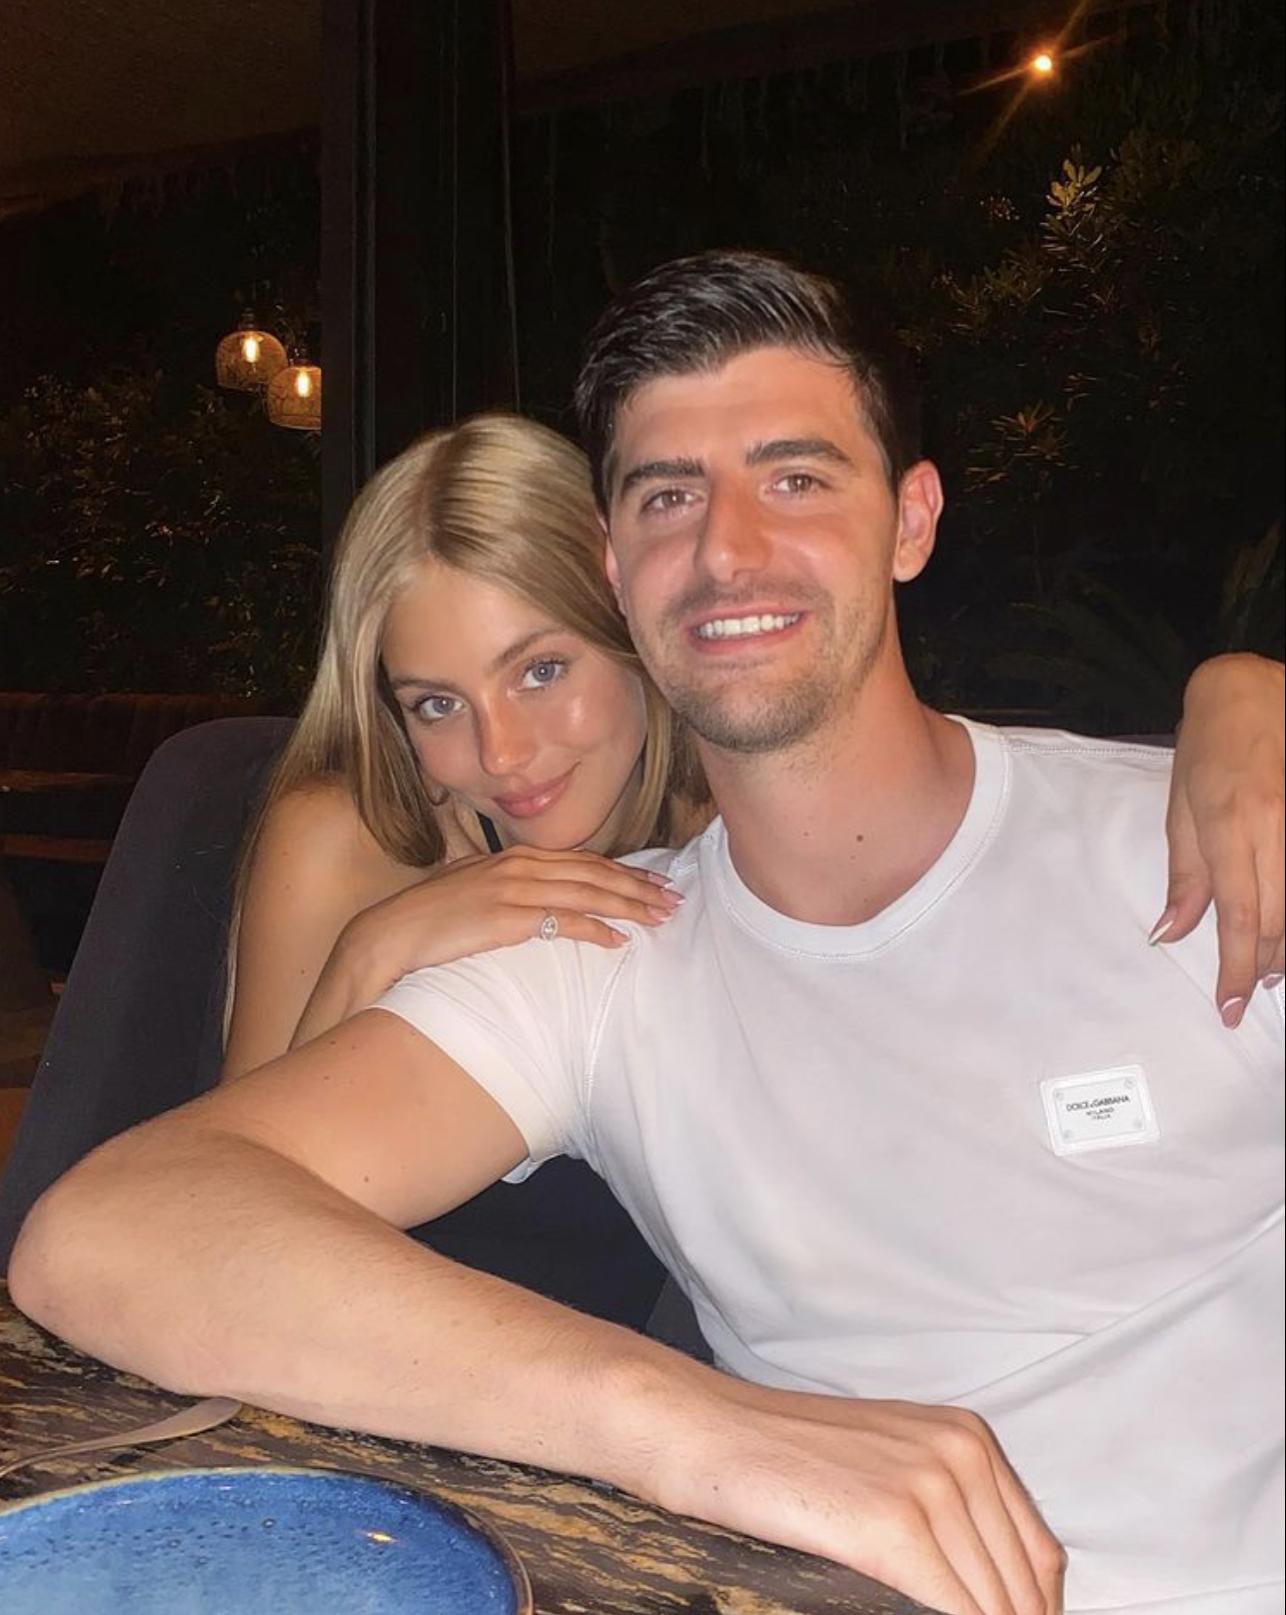 Вратарь мадридского «Реала» Тибо Куртуа представил свою новую девушку! Мишель Герциг — известная модель из Израиля